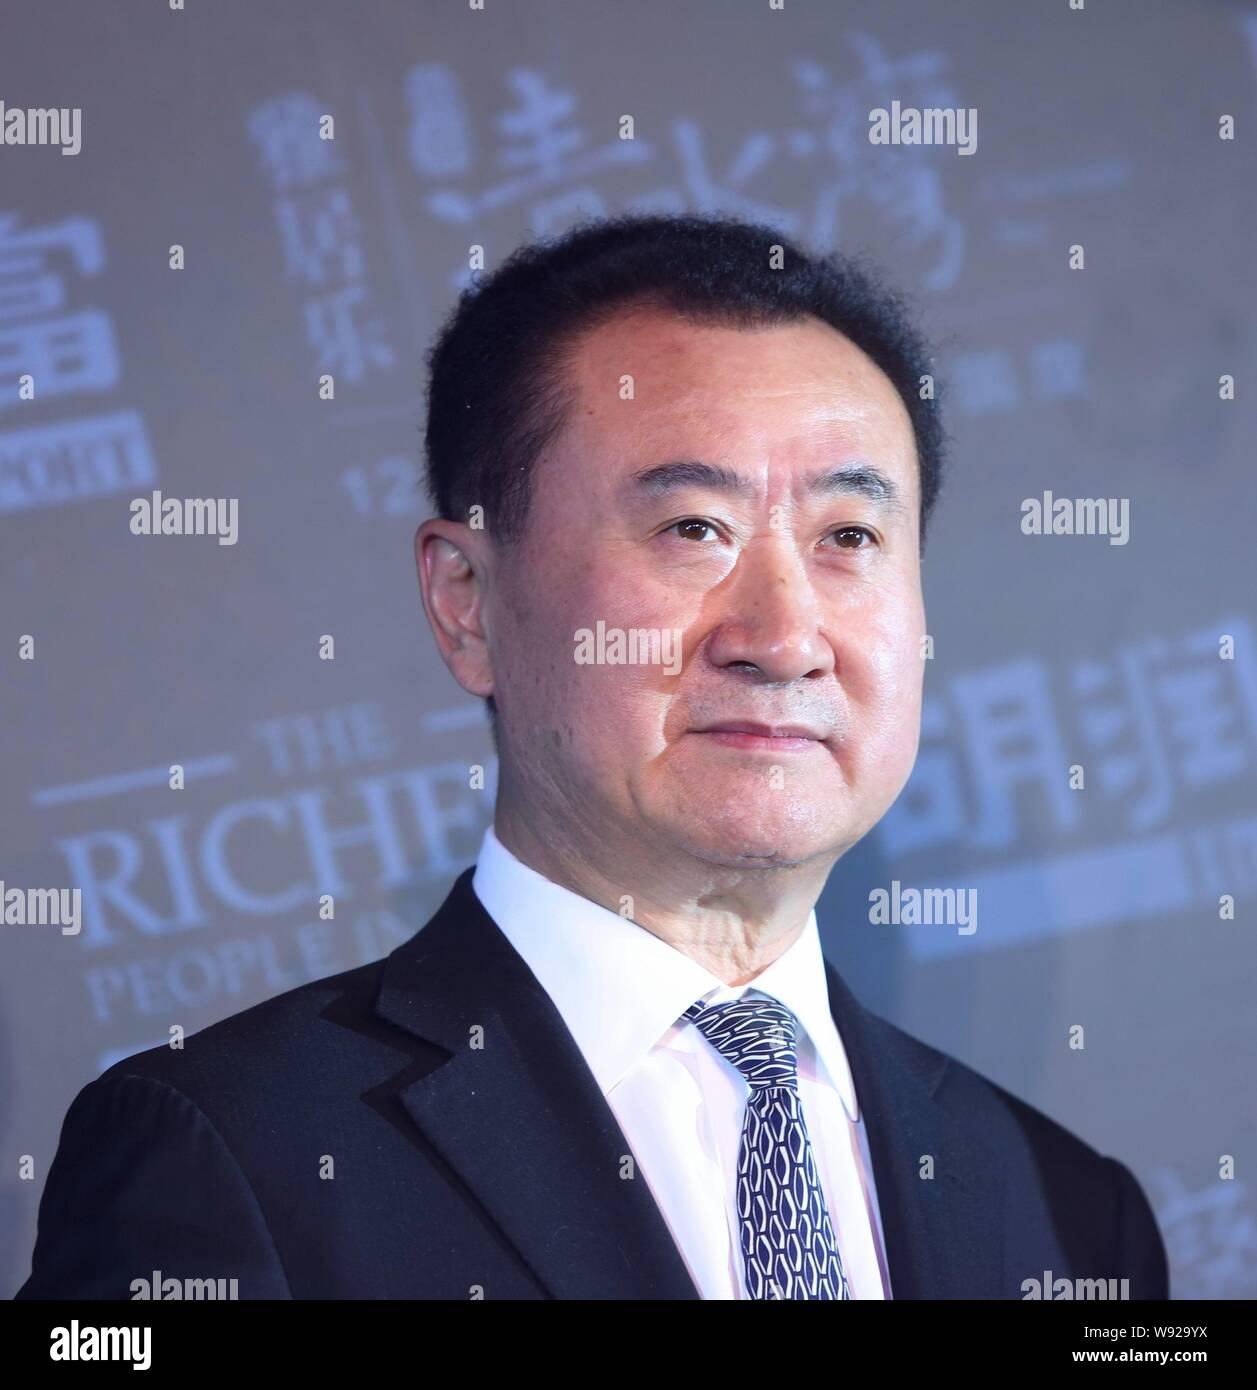 FILE--Wang Jianlin, Chairman of Wanda Group, poses at a